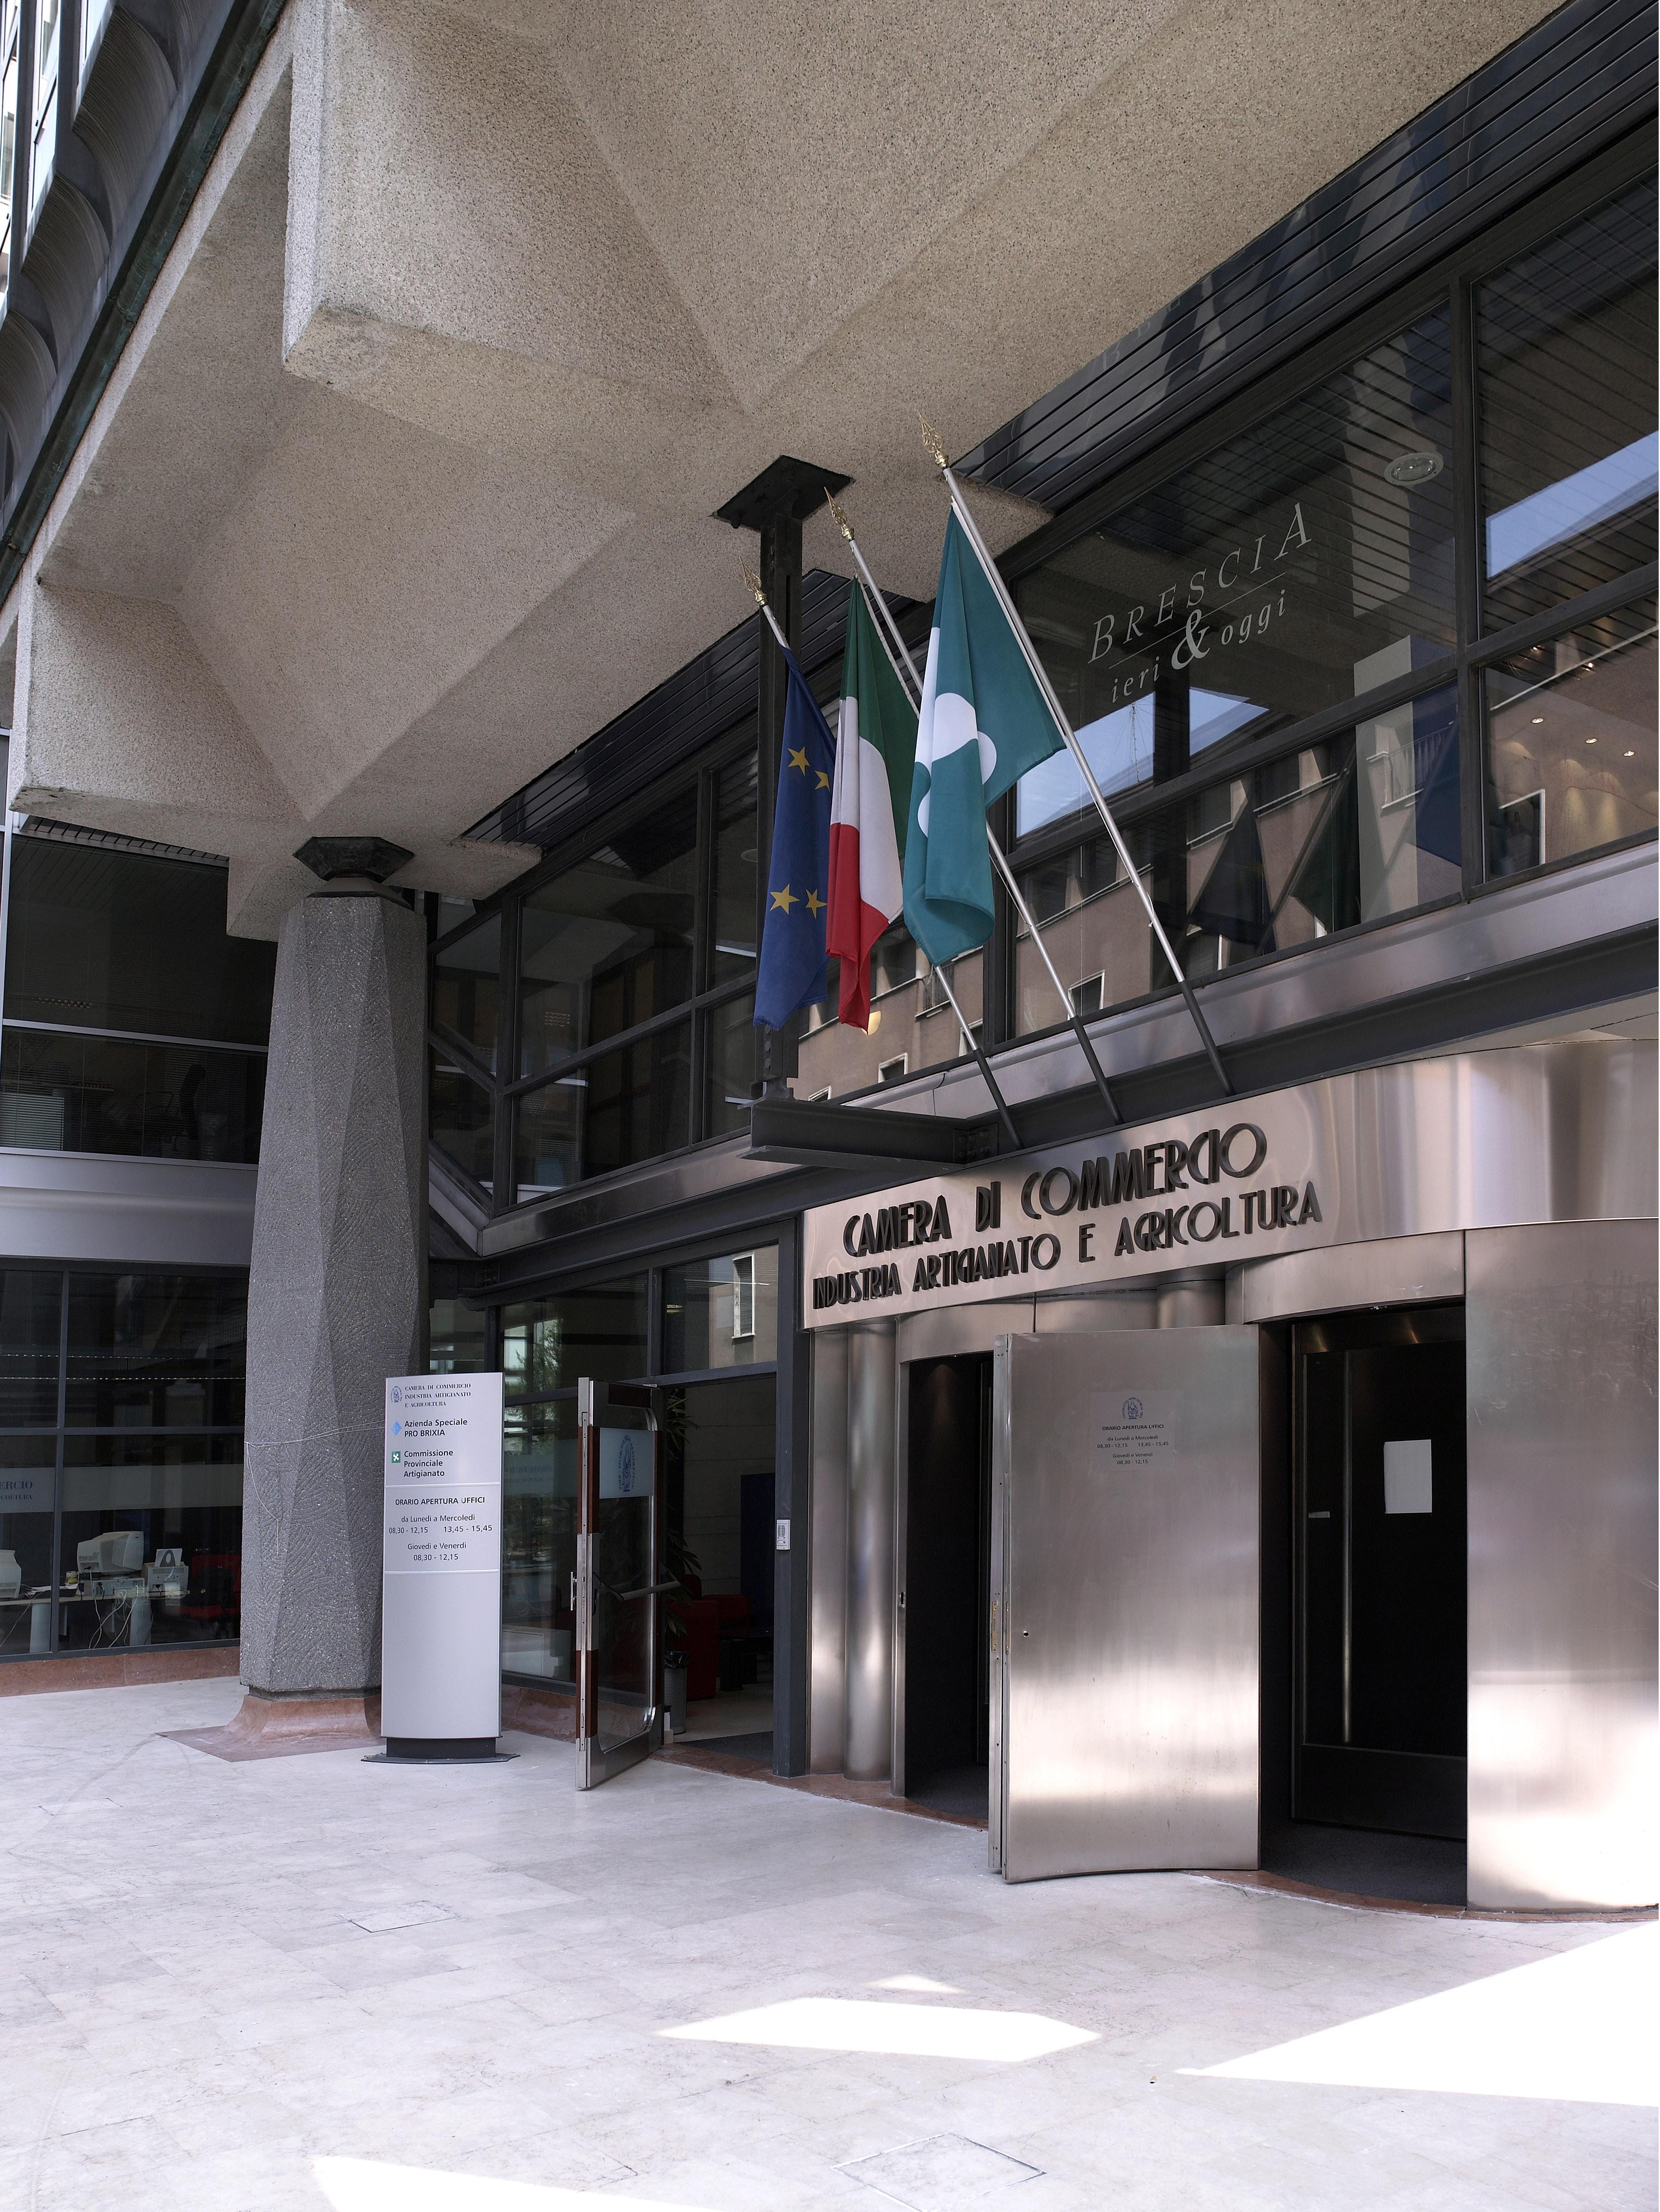 cciaa, PALAZZO DELLA CAMERA DI COMMERCIO, BRESCIA (BS )